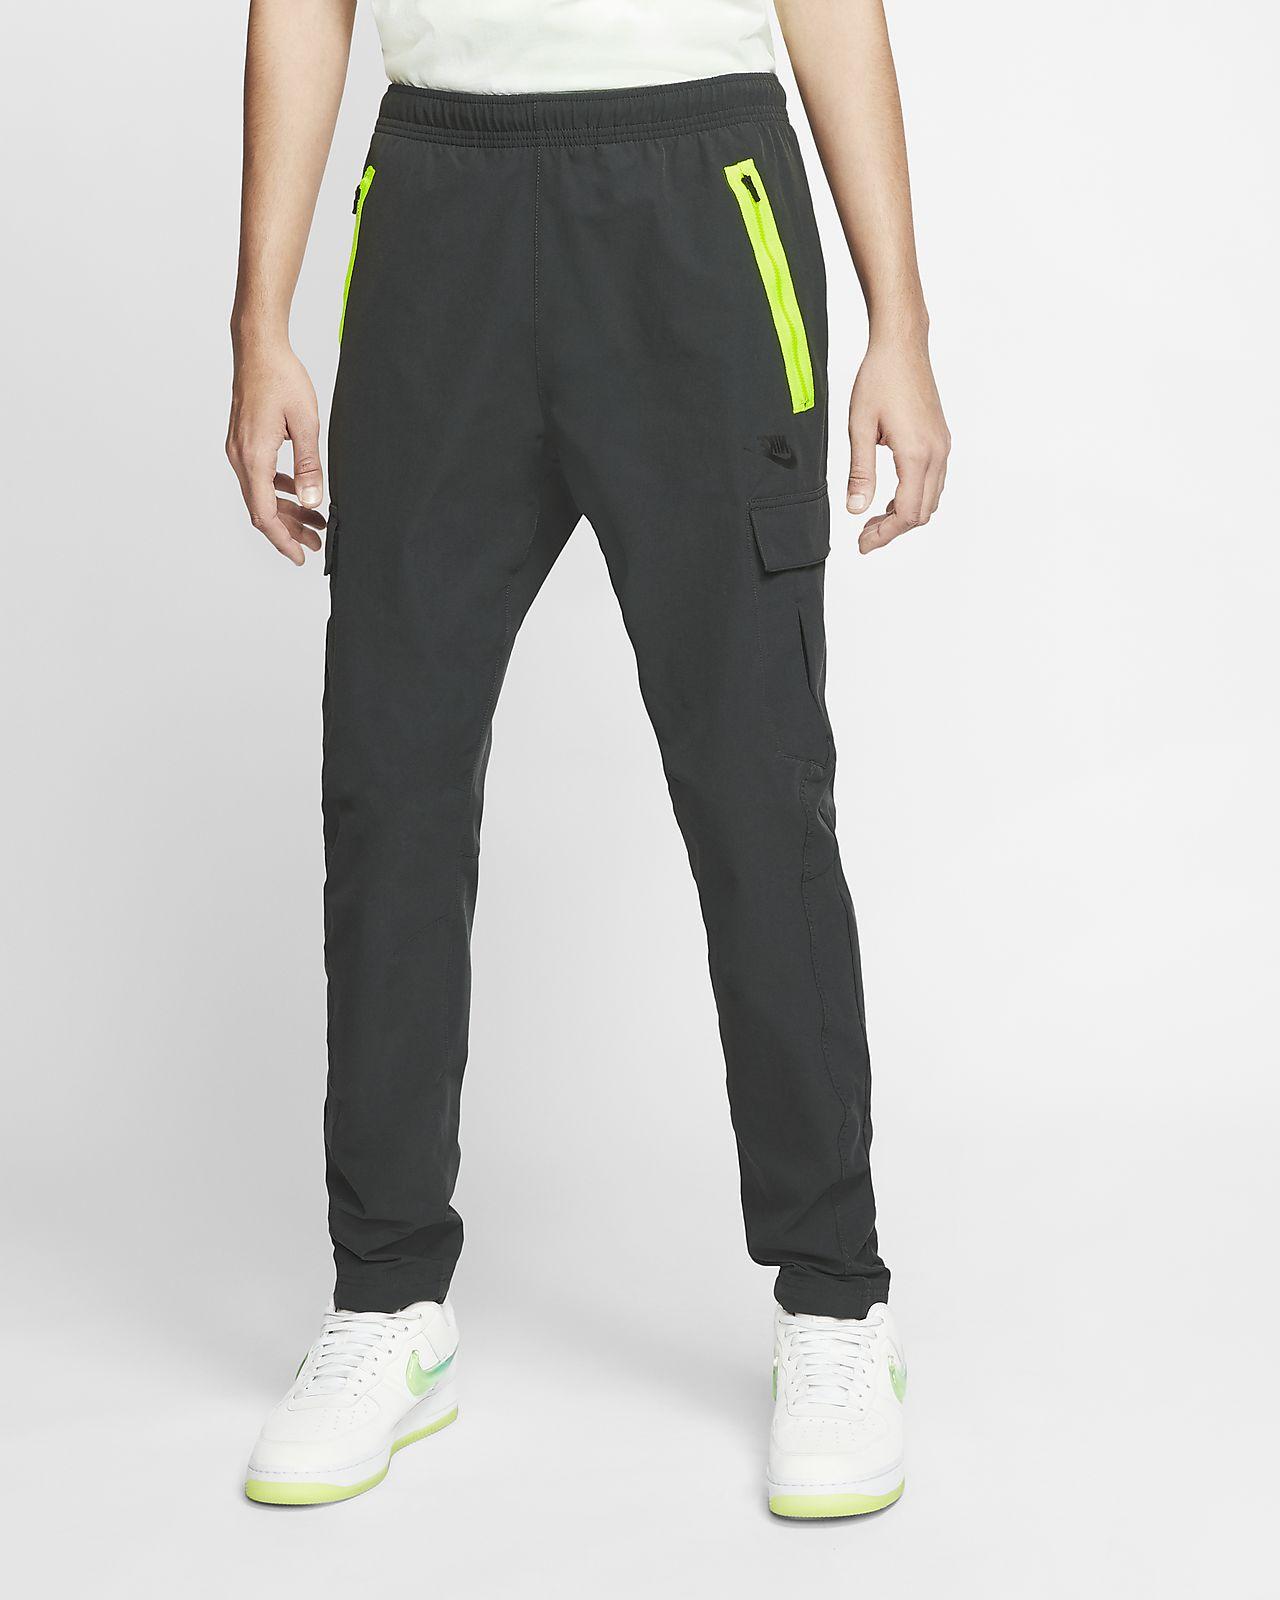 Nike Sportswear Men's Woven Trousers. Nike NO